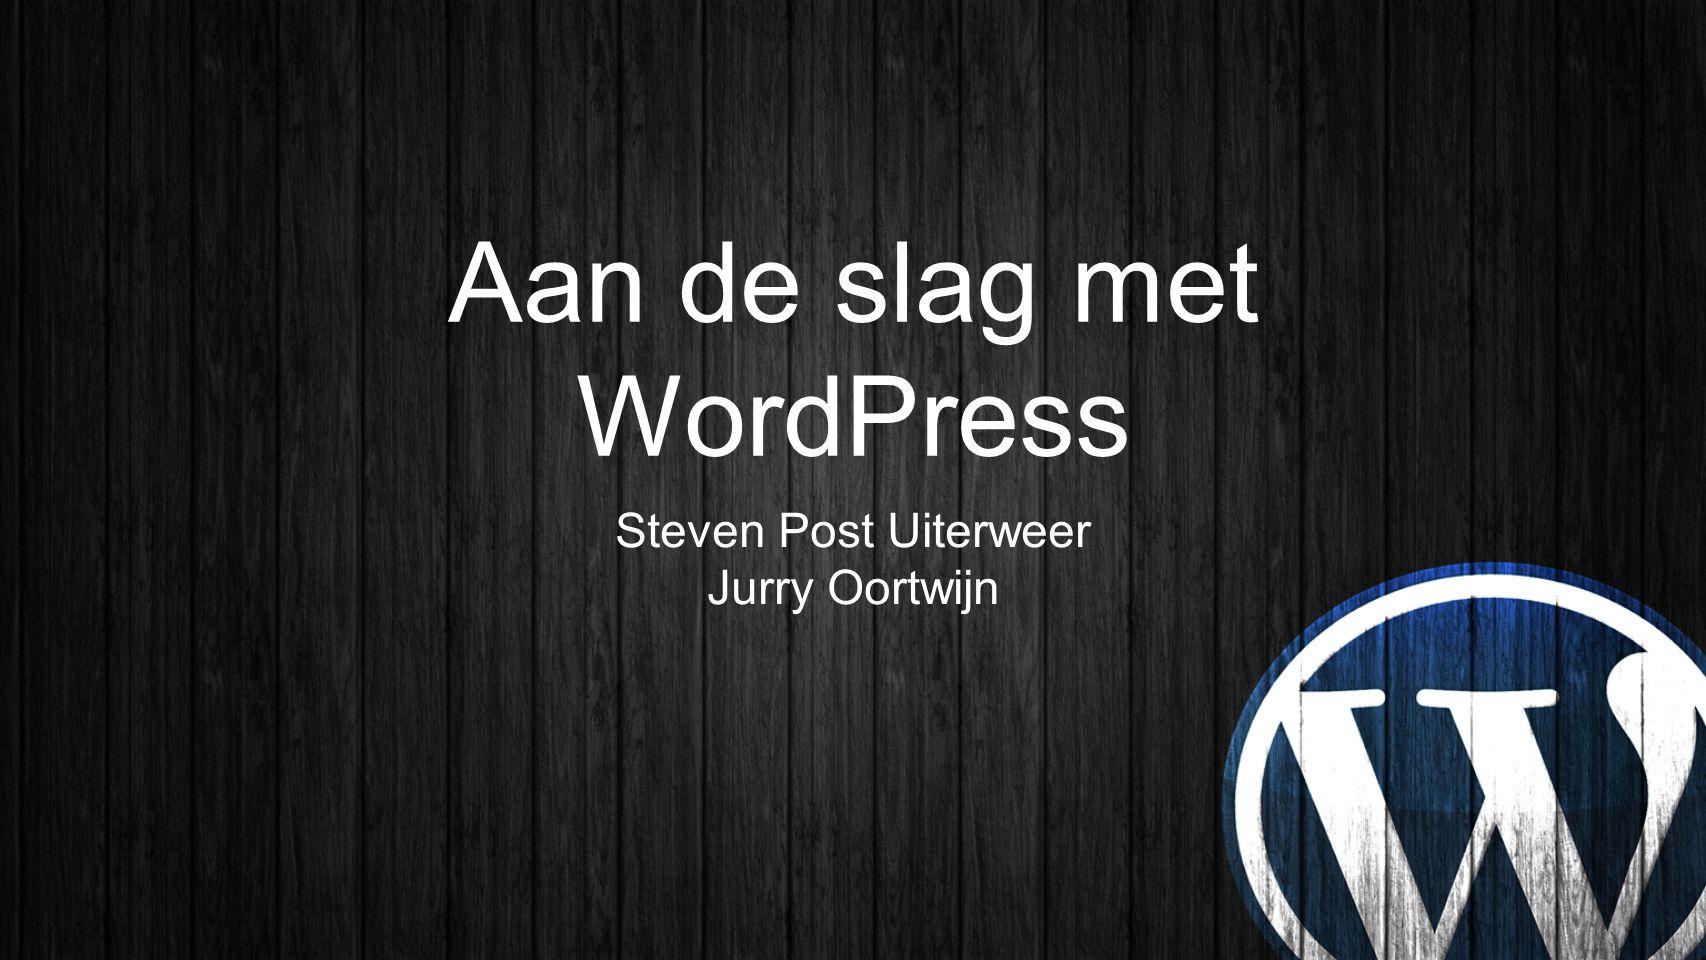 Aan de slag met WordPress Steven Post Uiterweer Jurry Oortwijn